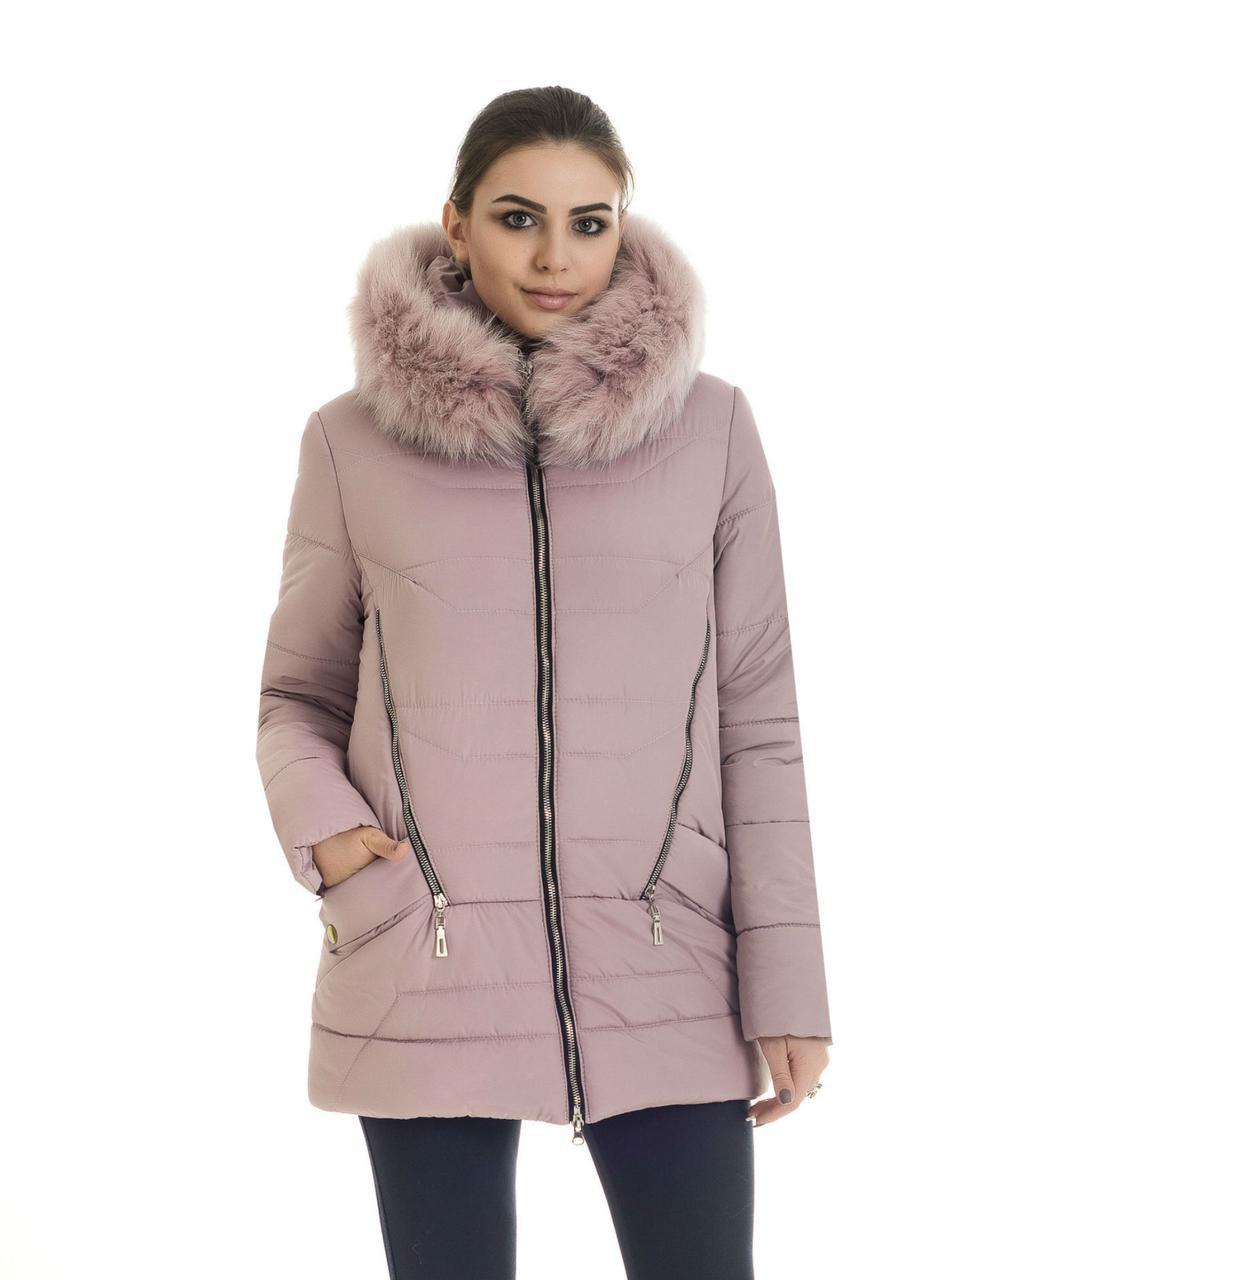 Молодёжная курточка с мехом